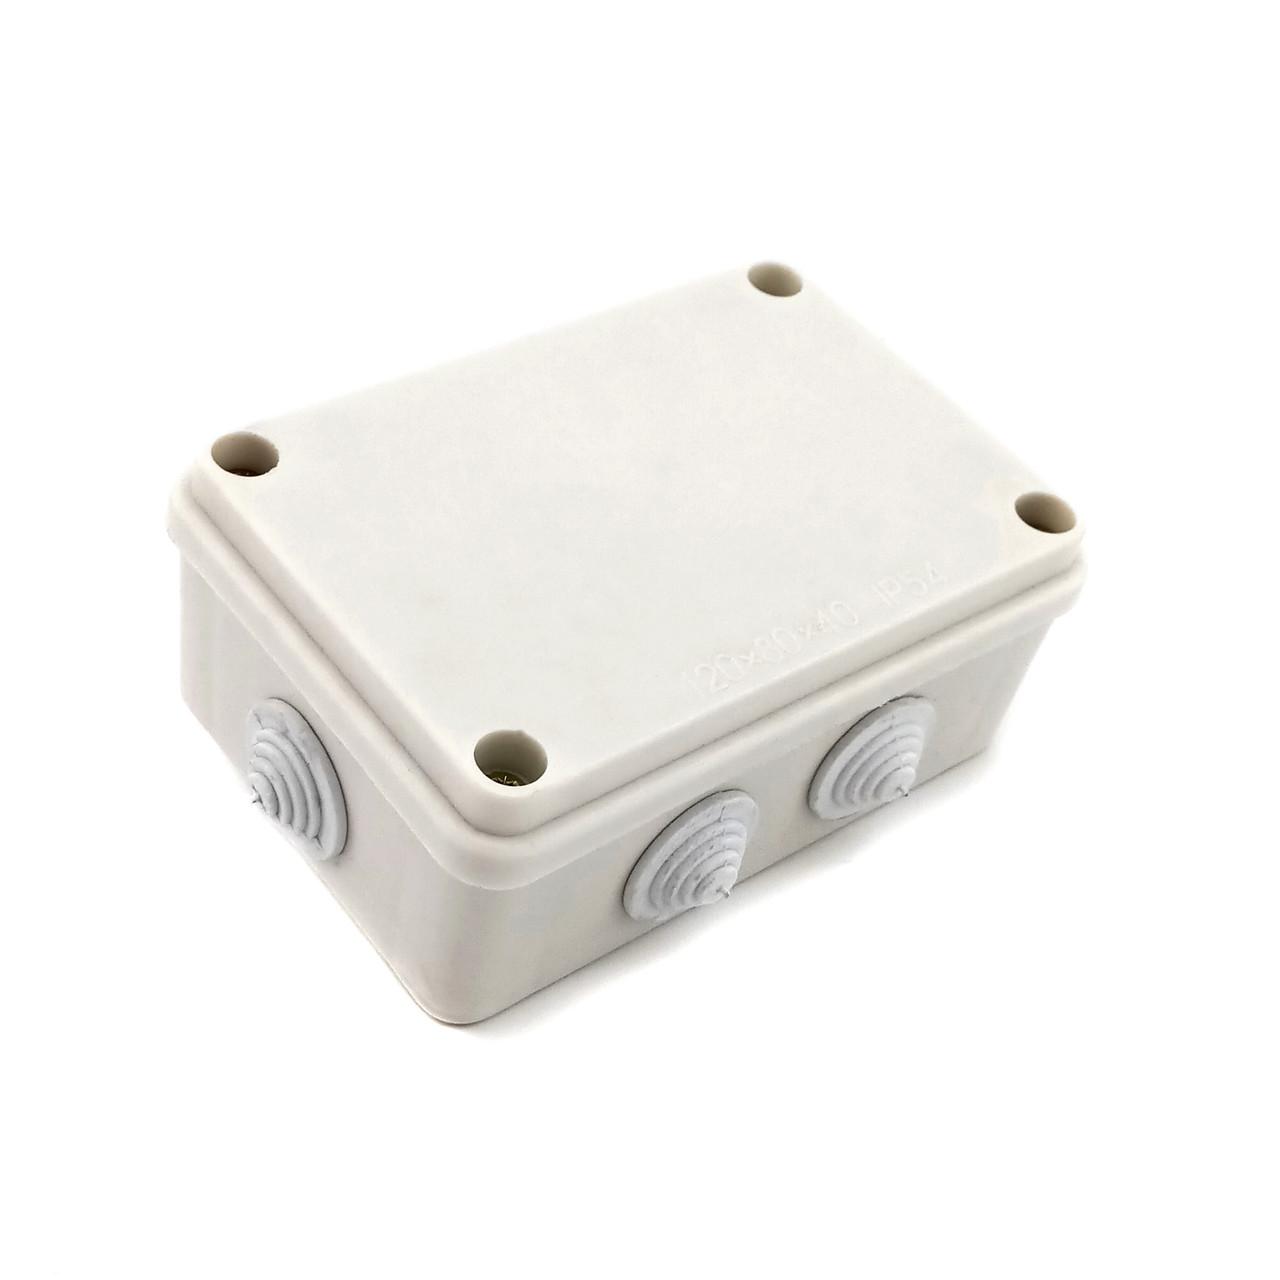 Распределительная коробка 120х80х50 IP54 с резинками